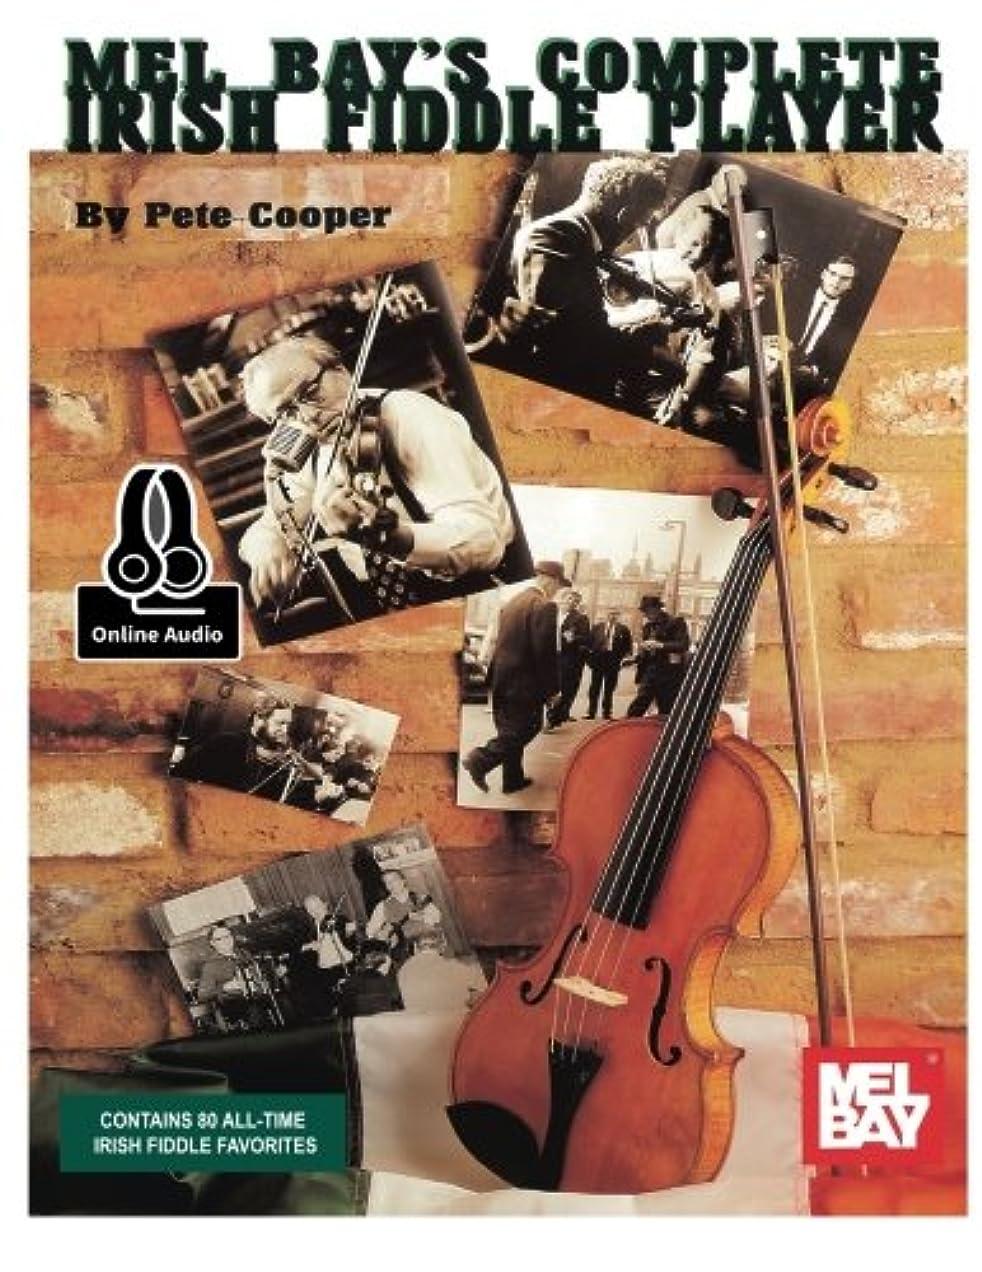 比較豊かにする意味するMel Bay's Complete Irish Fiddle Player: Includes Online Audio